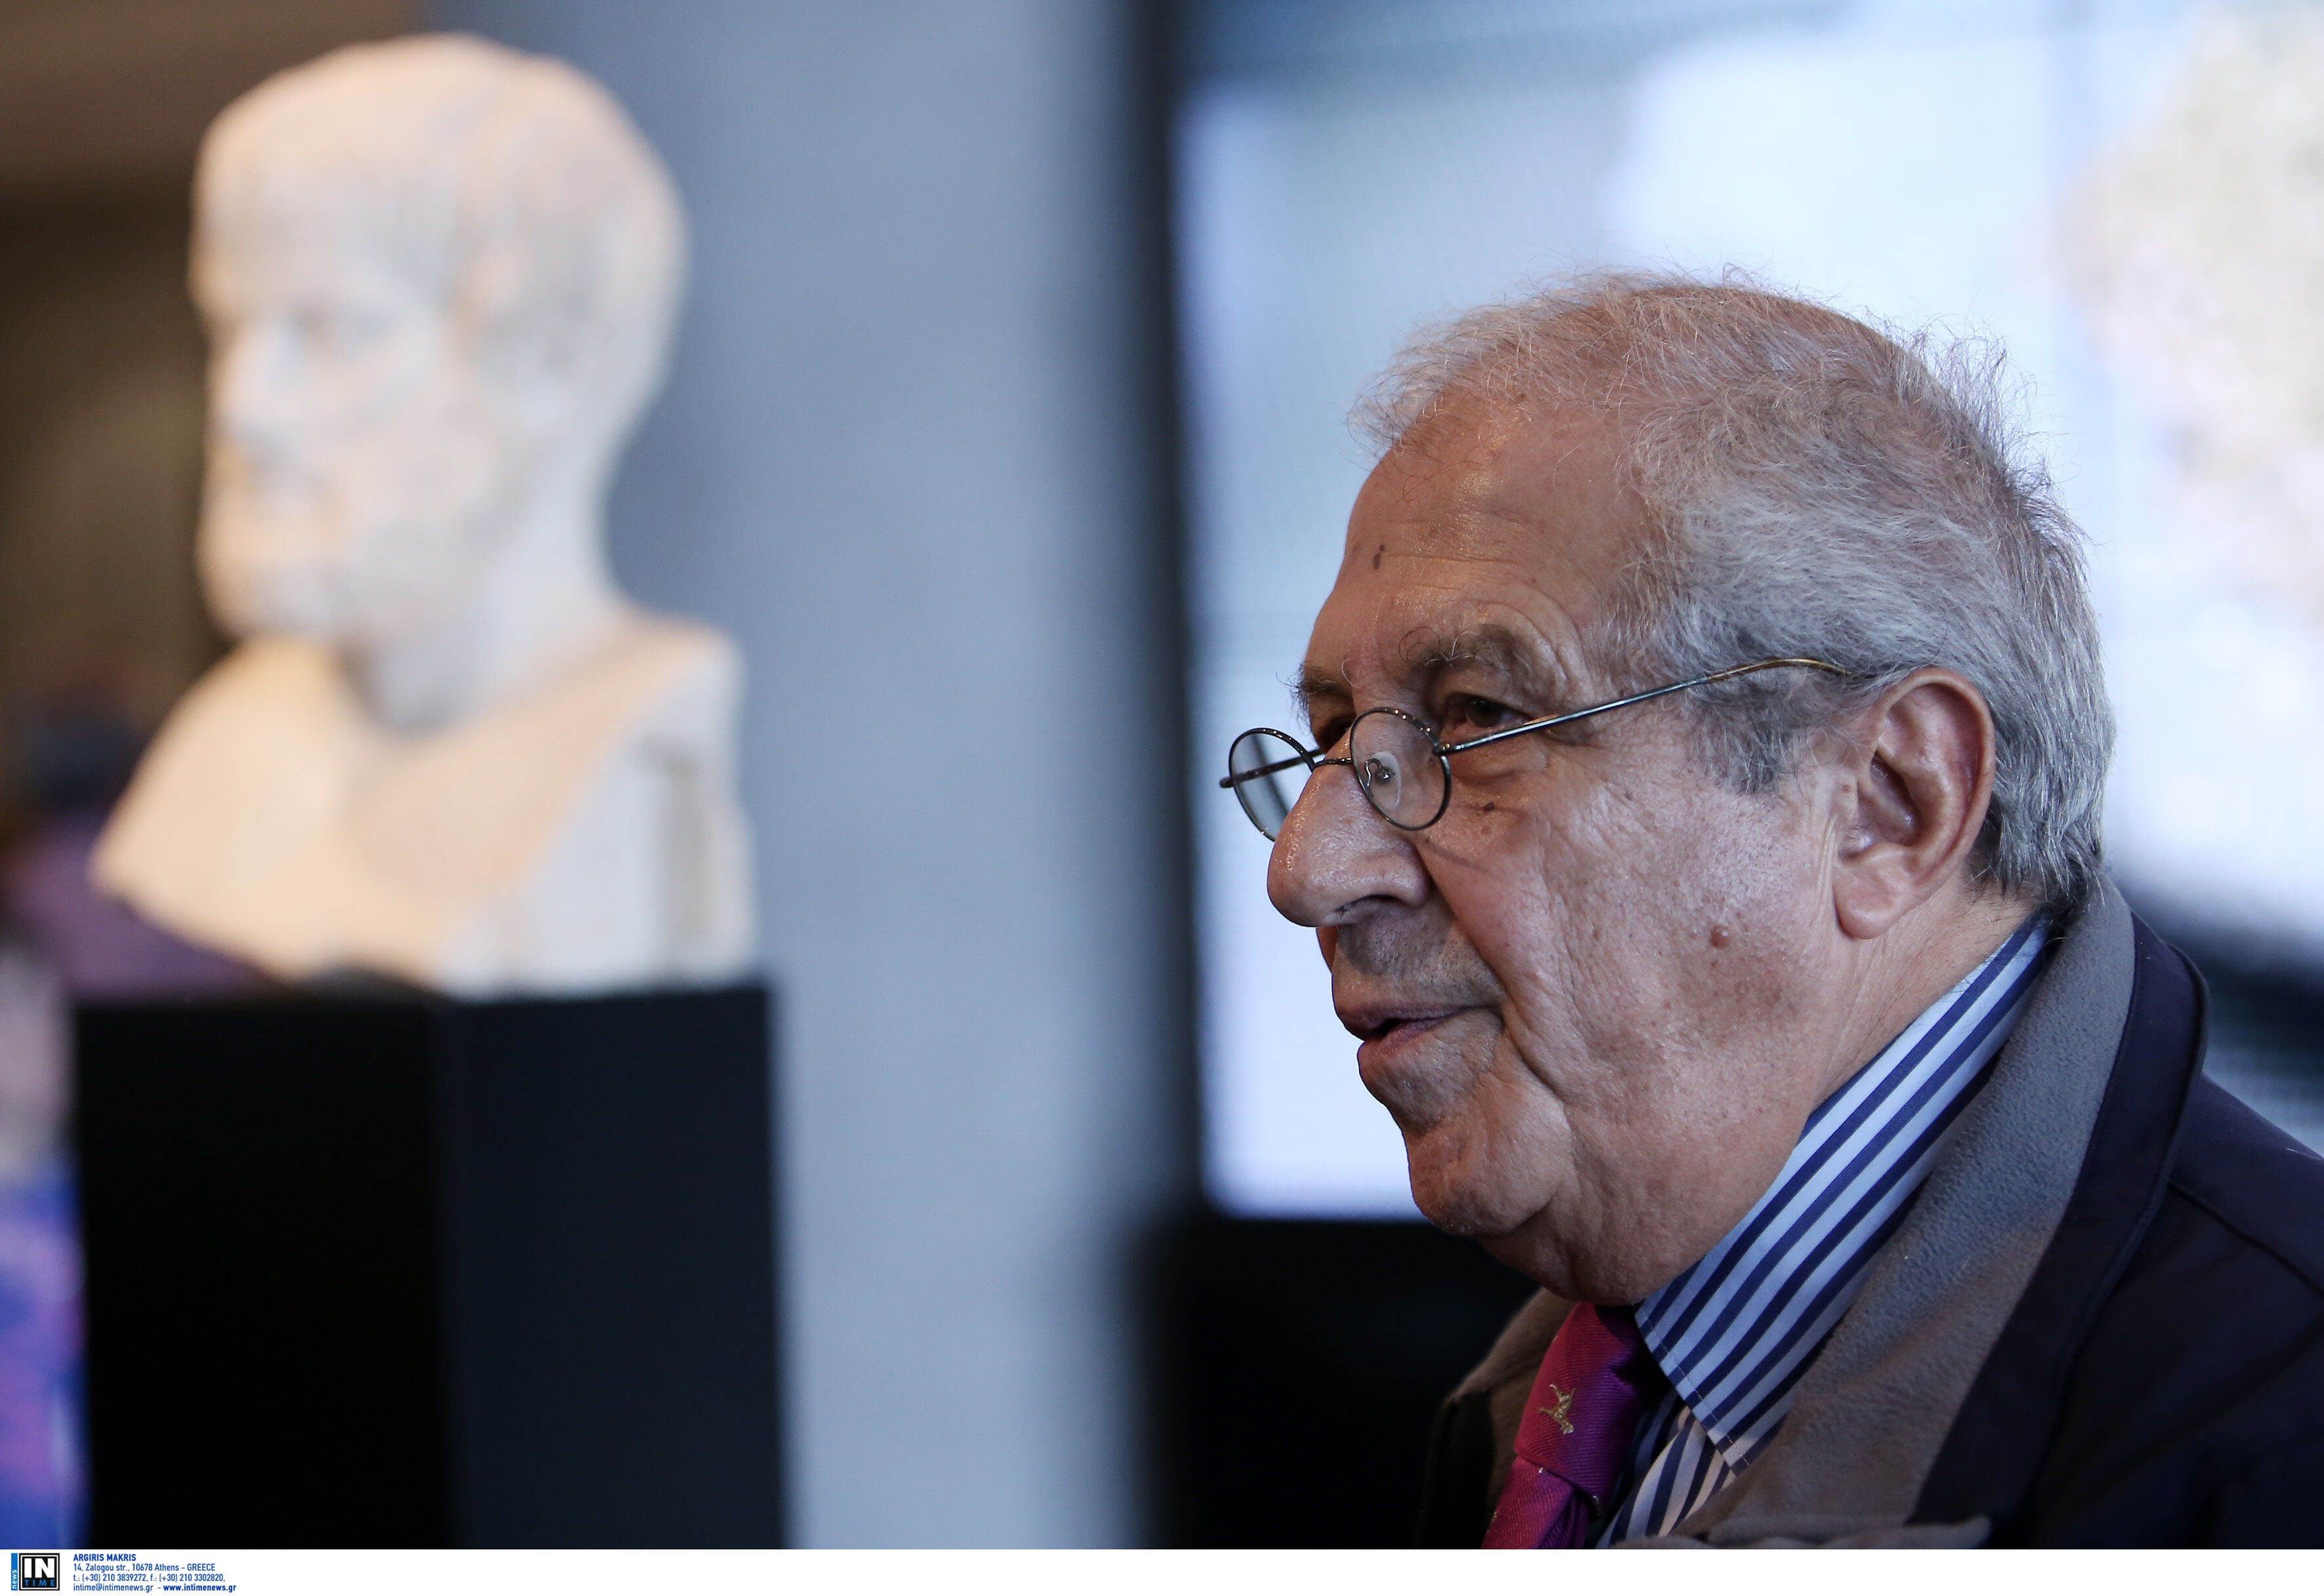 Διαψεύδει ο Παντερμαλής: Δεν υπήρξε φιρμάνι για μεταφορά των Γλυπτών του Παρθενώνα